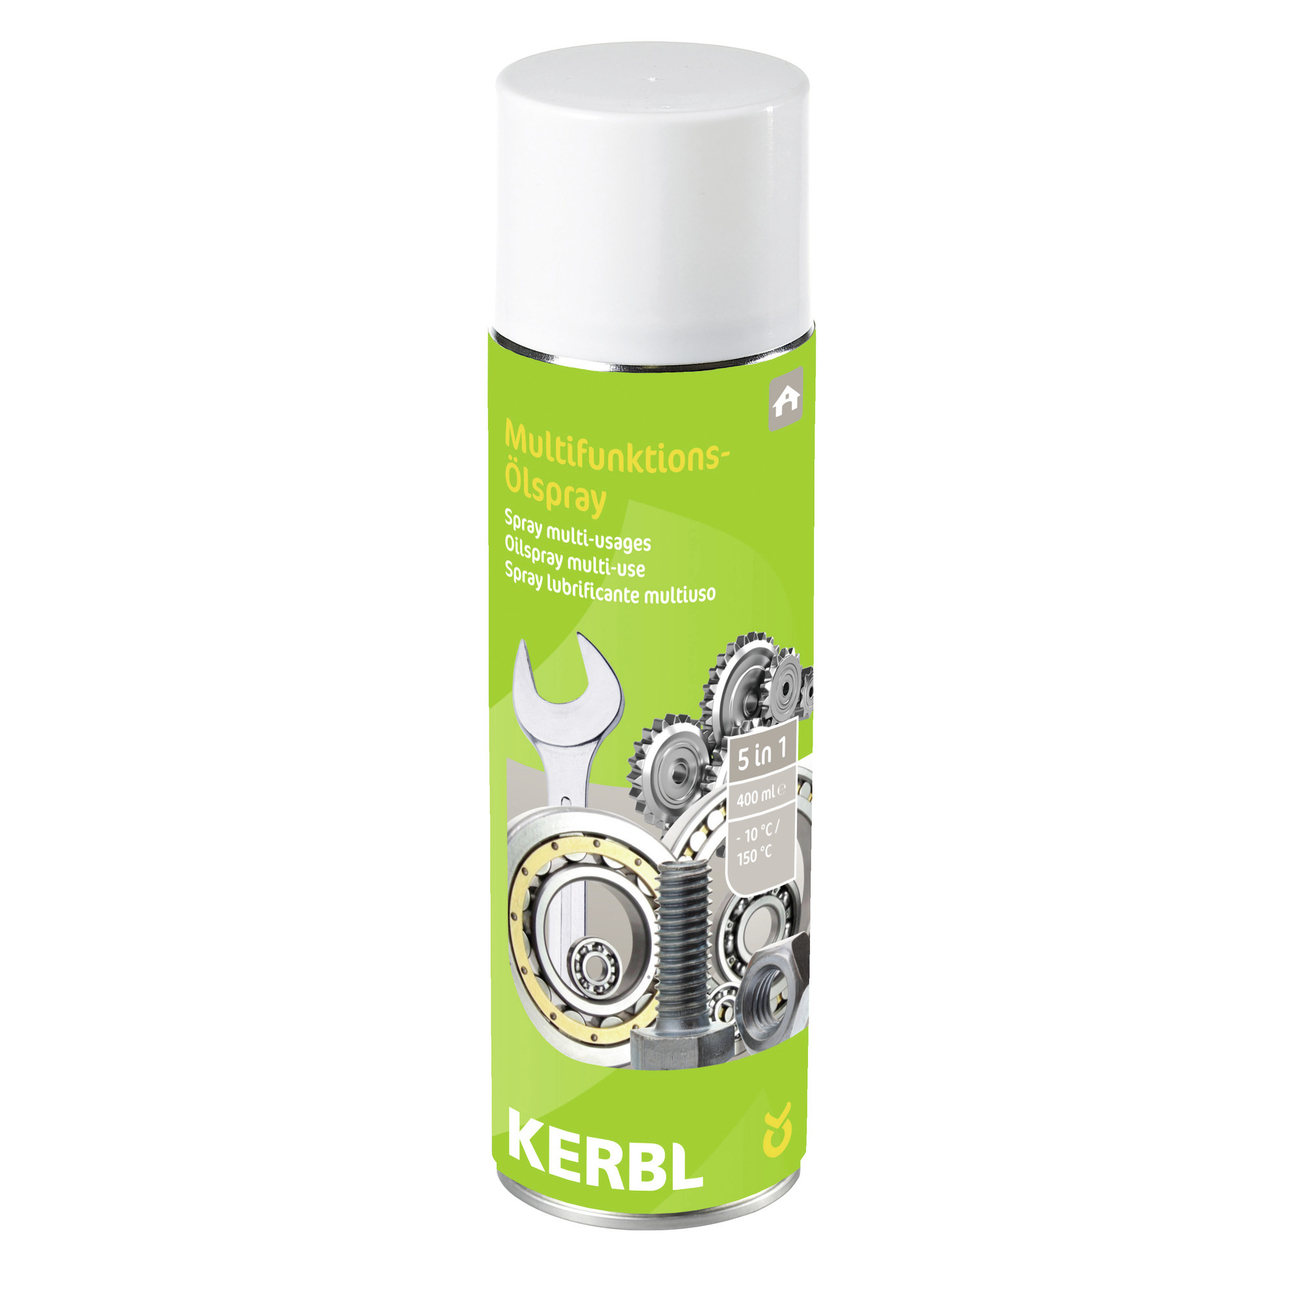 Kerbl Multifunktions-Ölspray